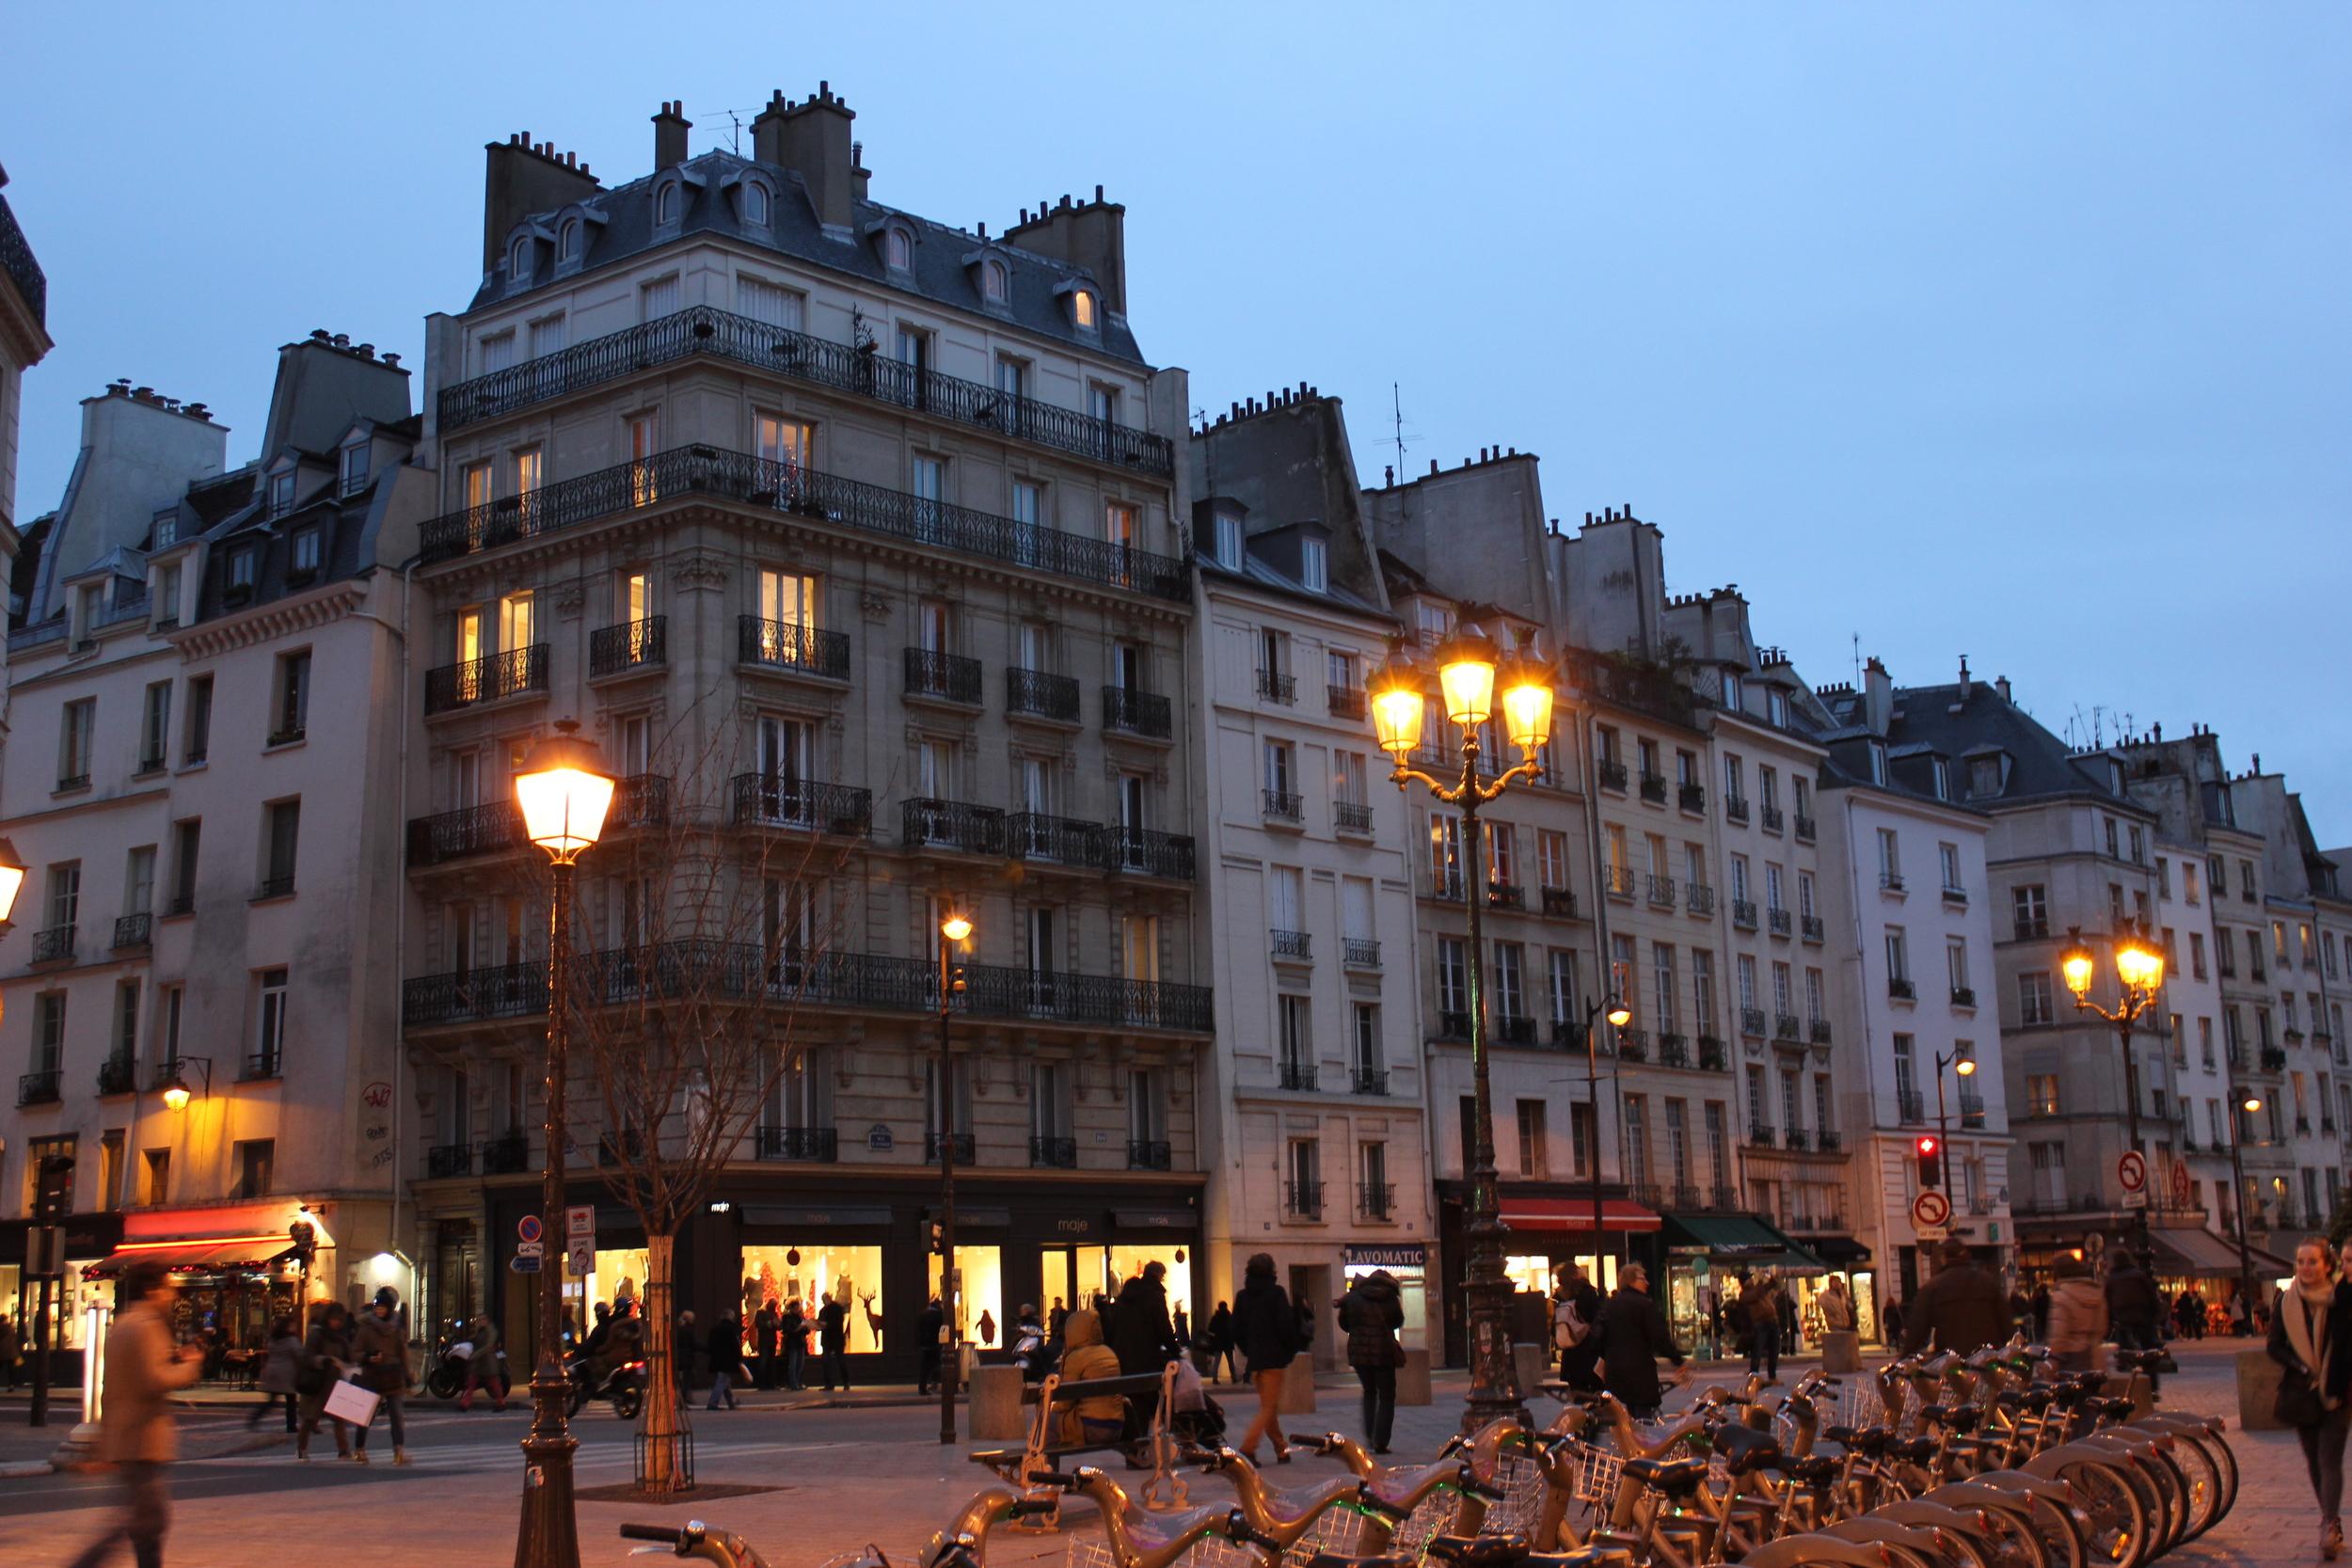 shopping in Le Marais - December 2013